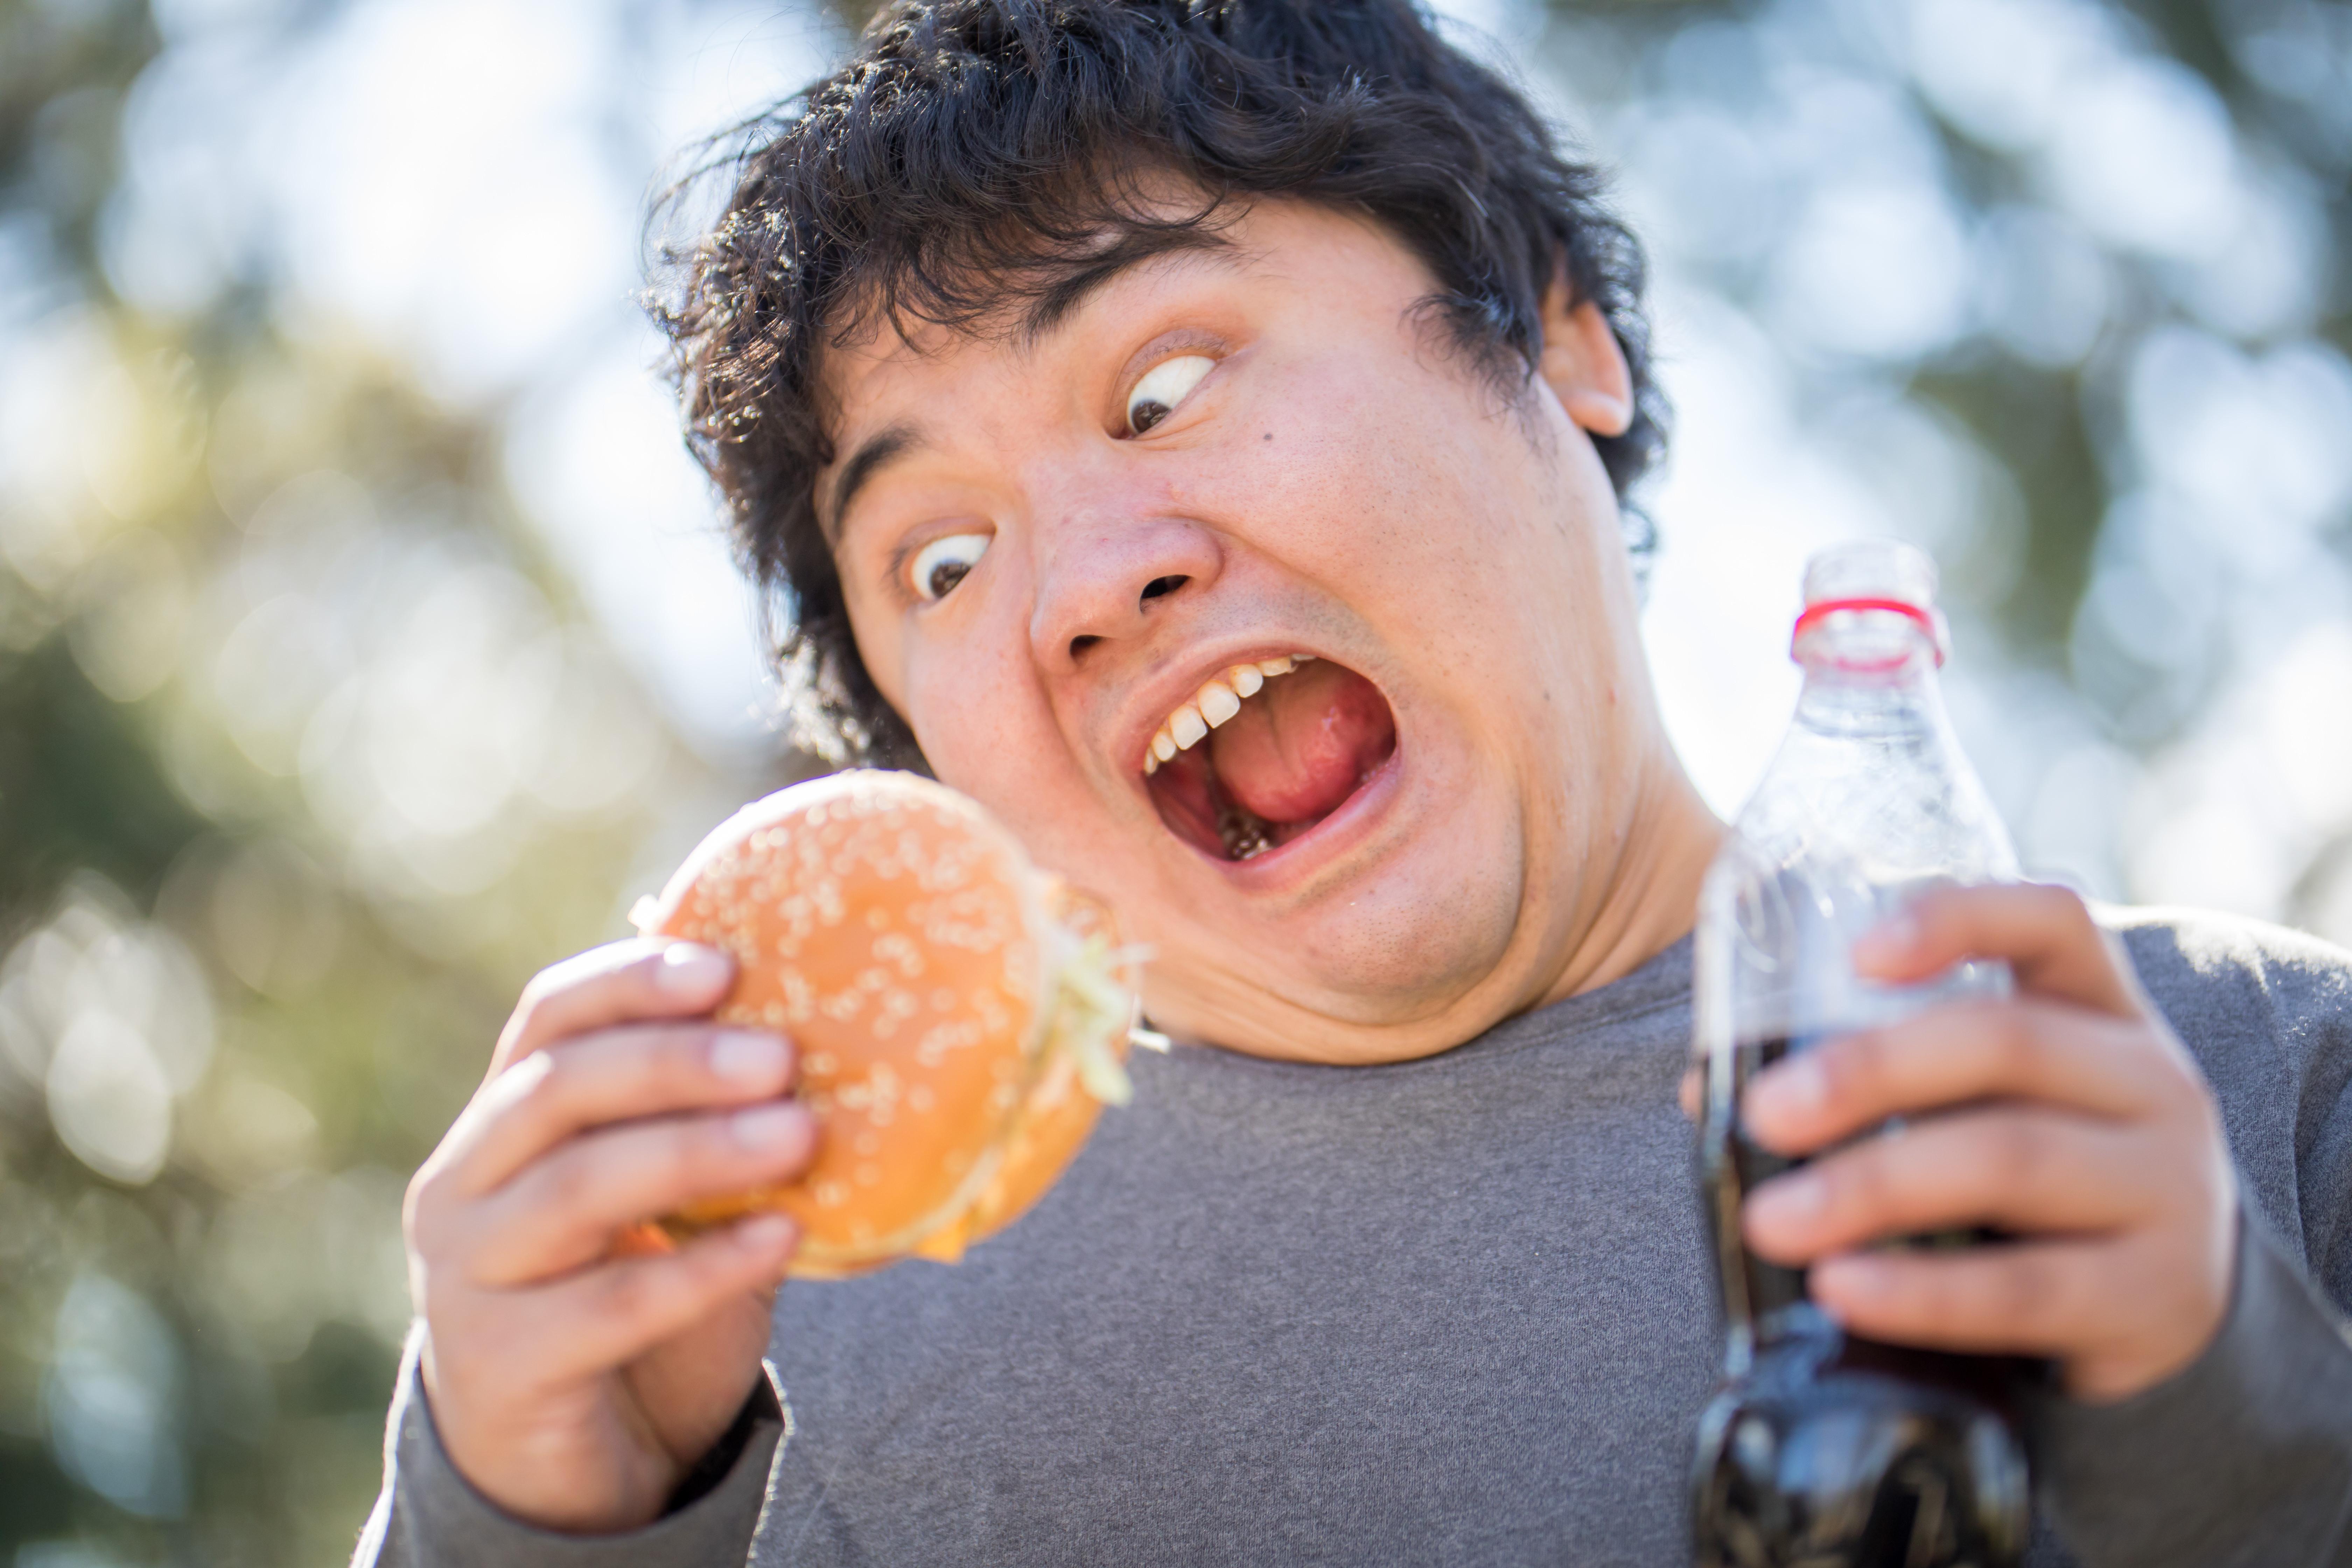 ▲▼胖,宅男,肥胖,減肥,吃飯,漢堡,速食。(圖/免費圖庫pakutaso)